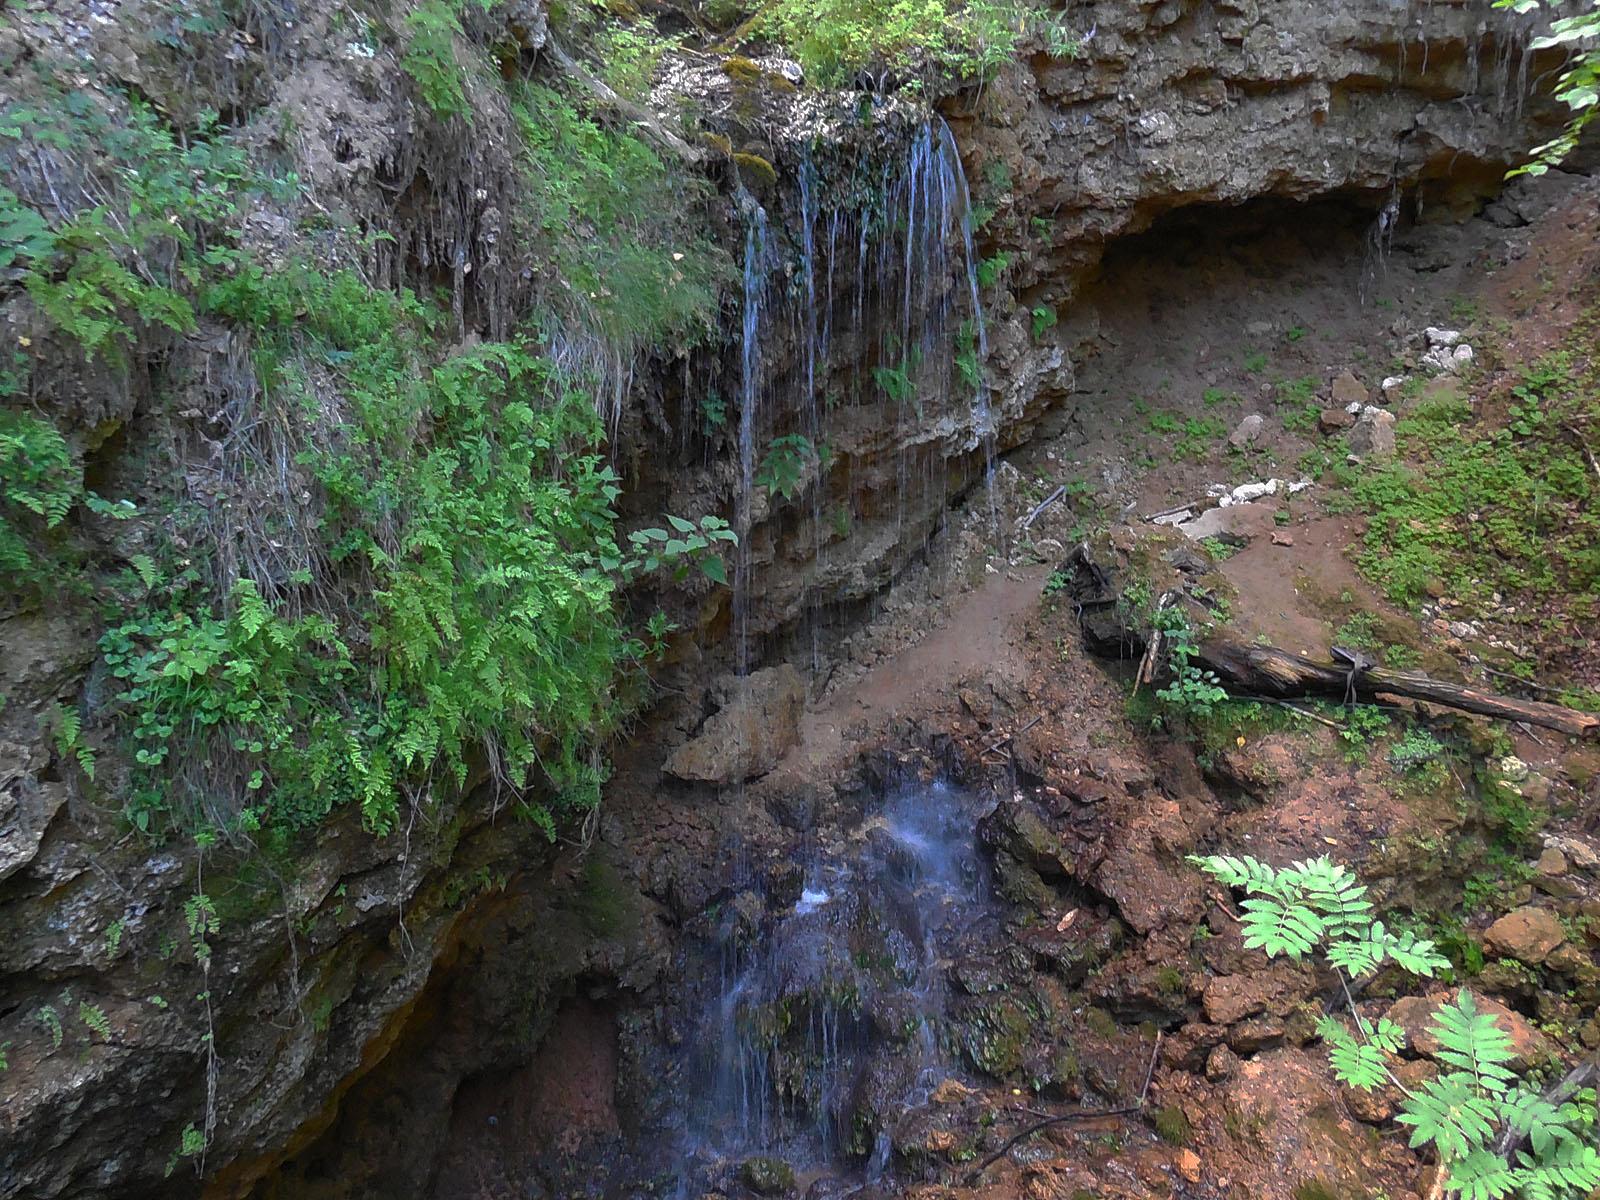 Водопад Серебряный каскад целиком